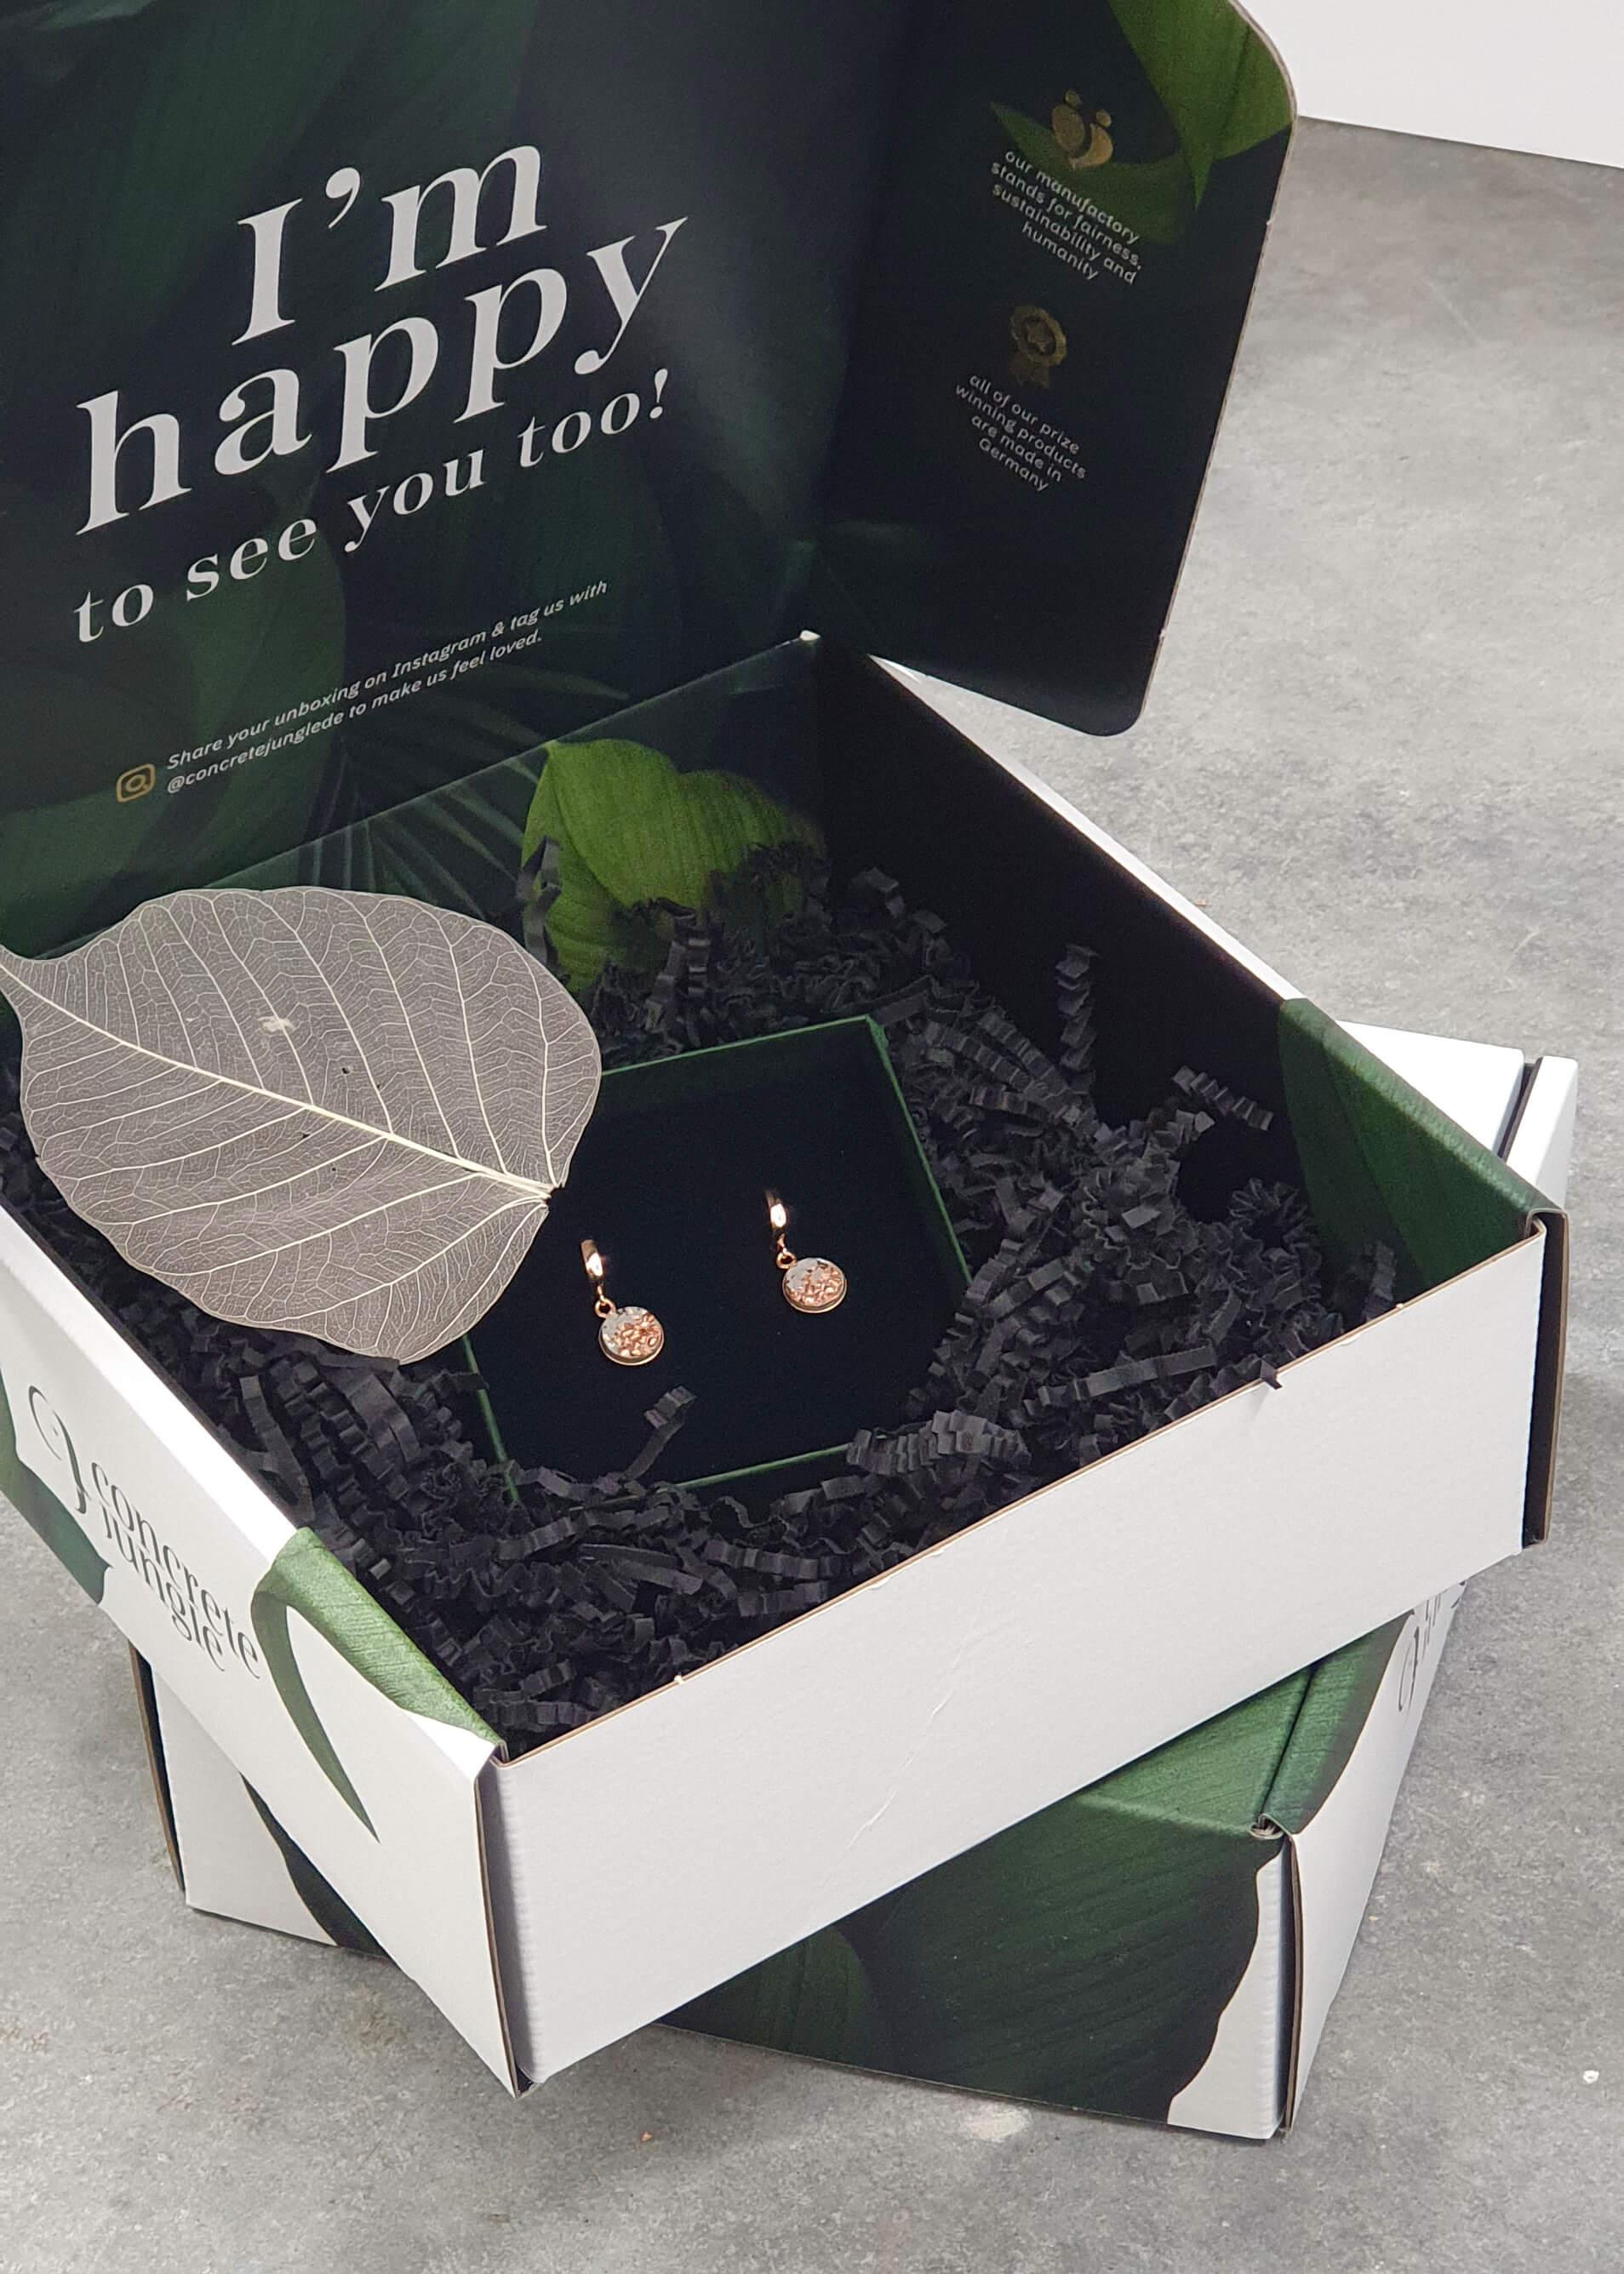 Una caja que contiene unos pendientes de la marca Concrete Jungle